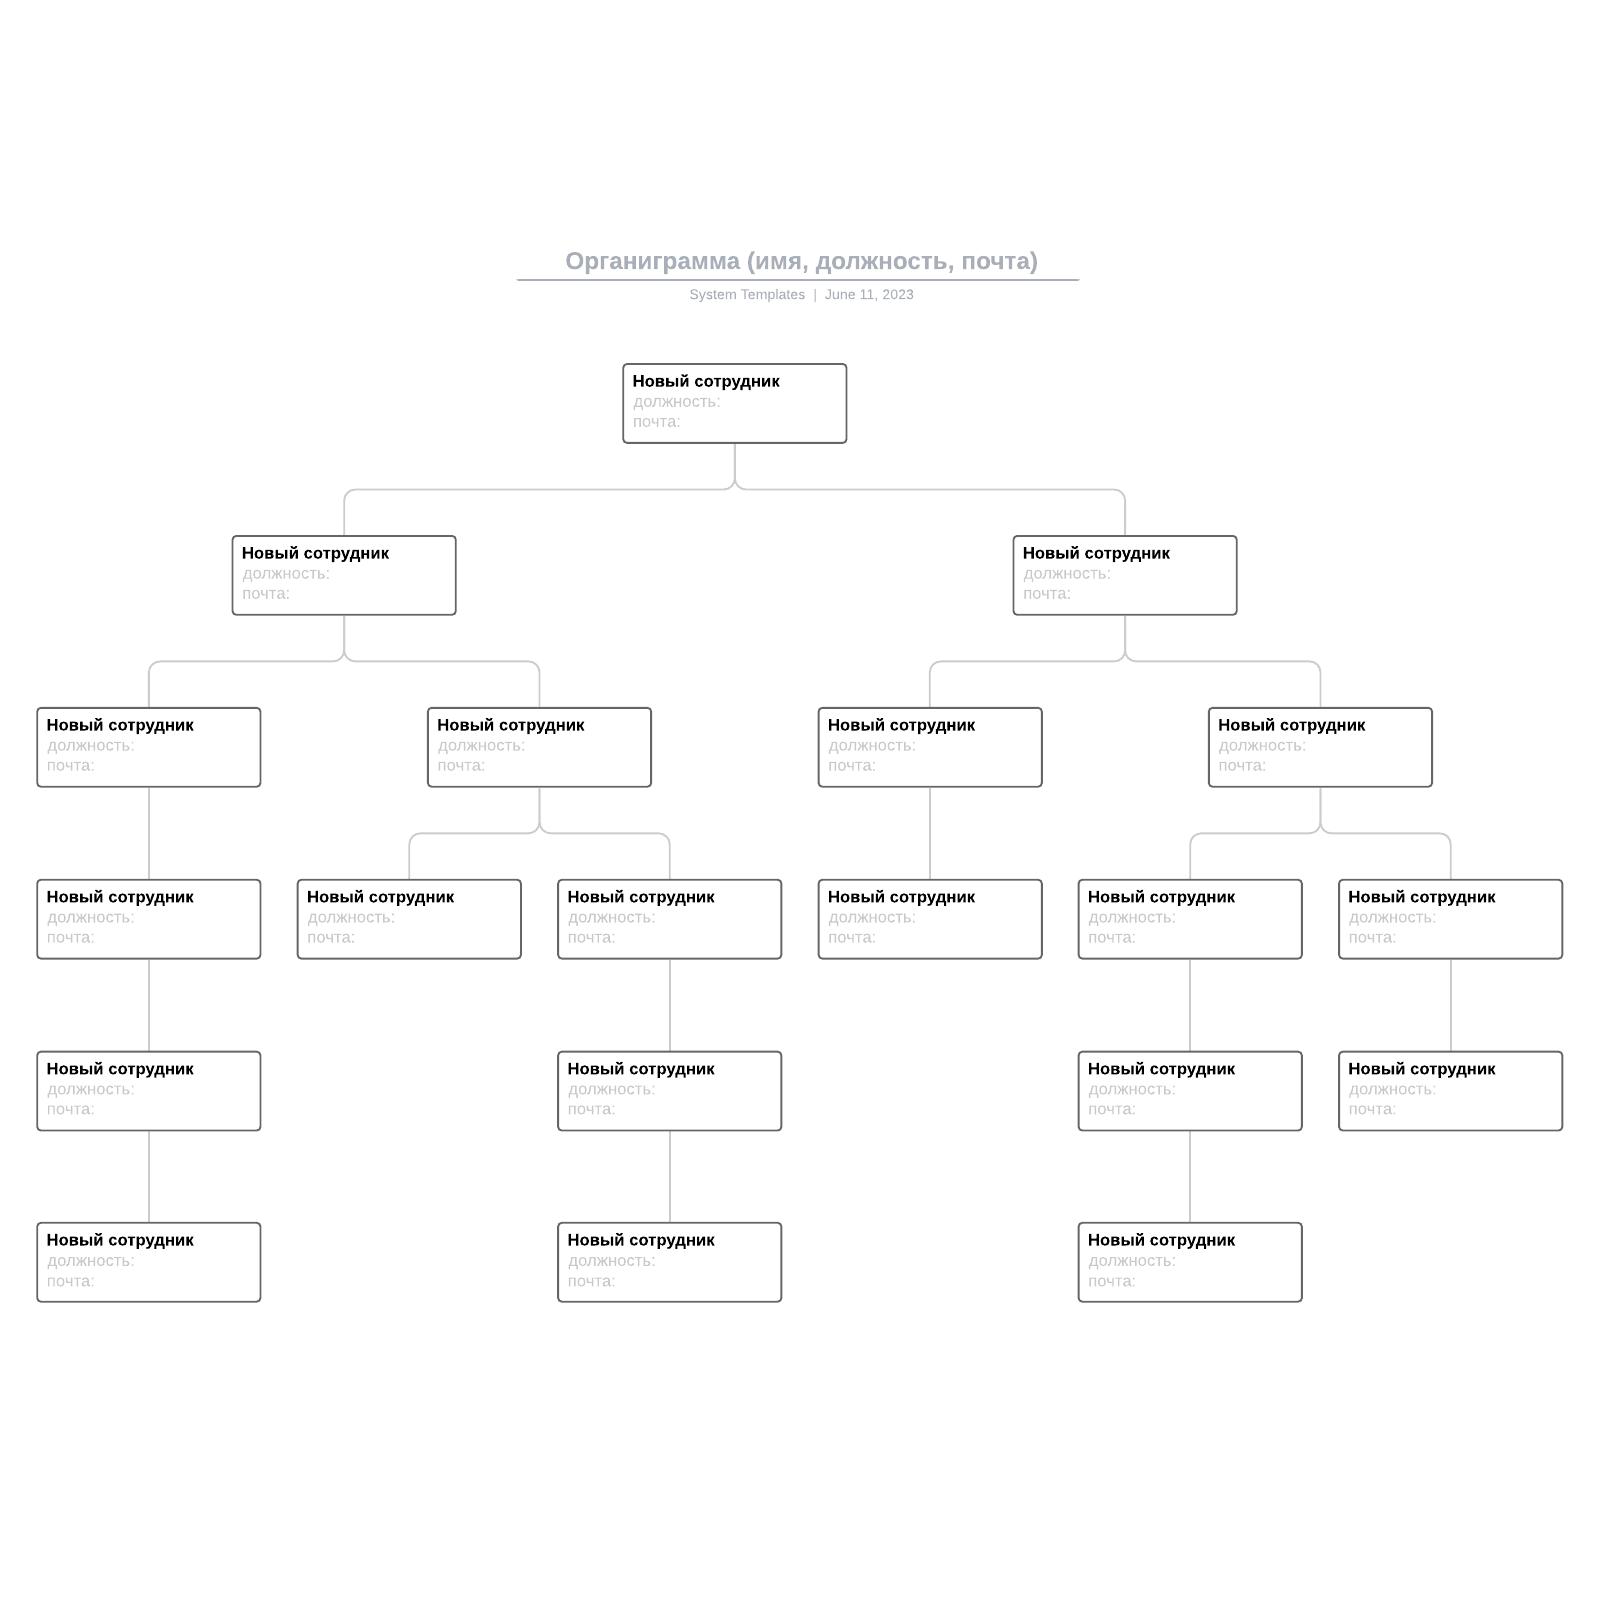 Органиграмма (имя, должность, почта)